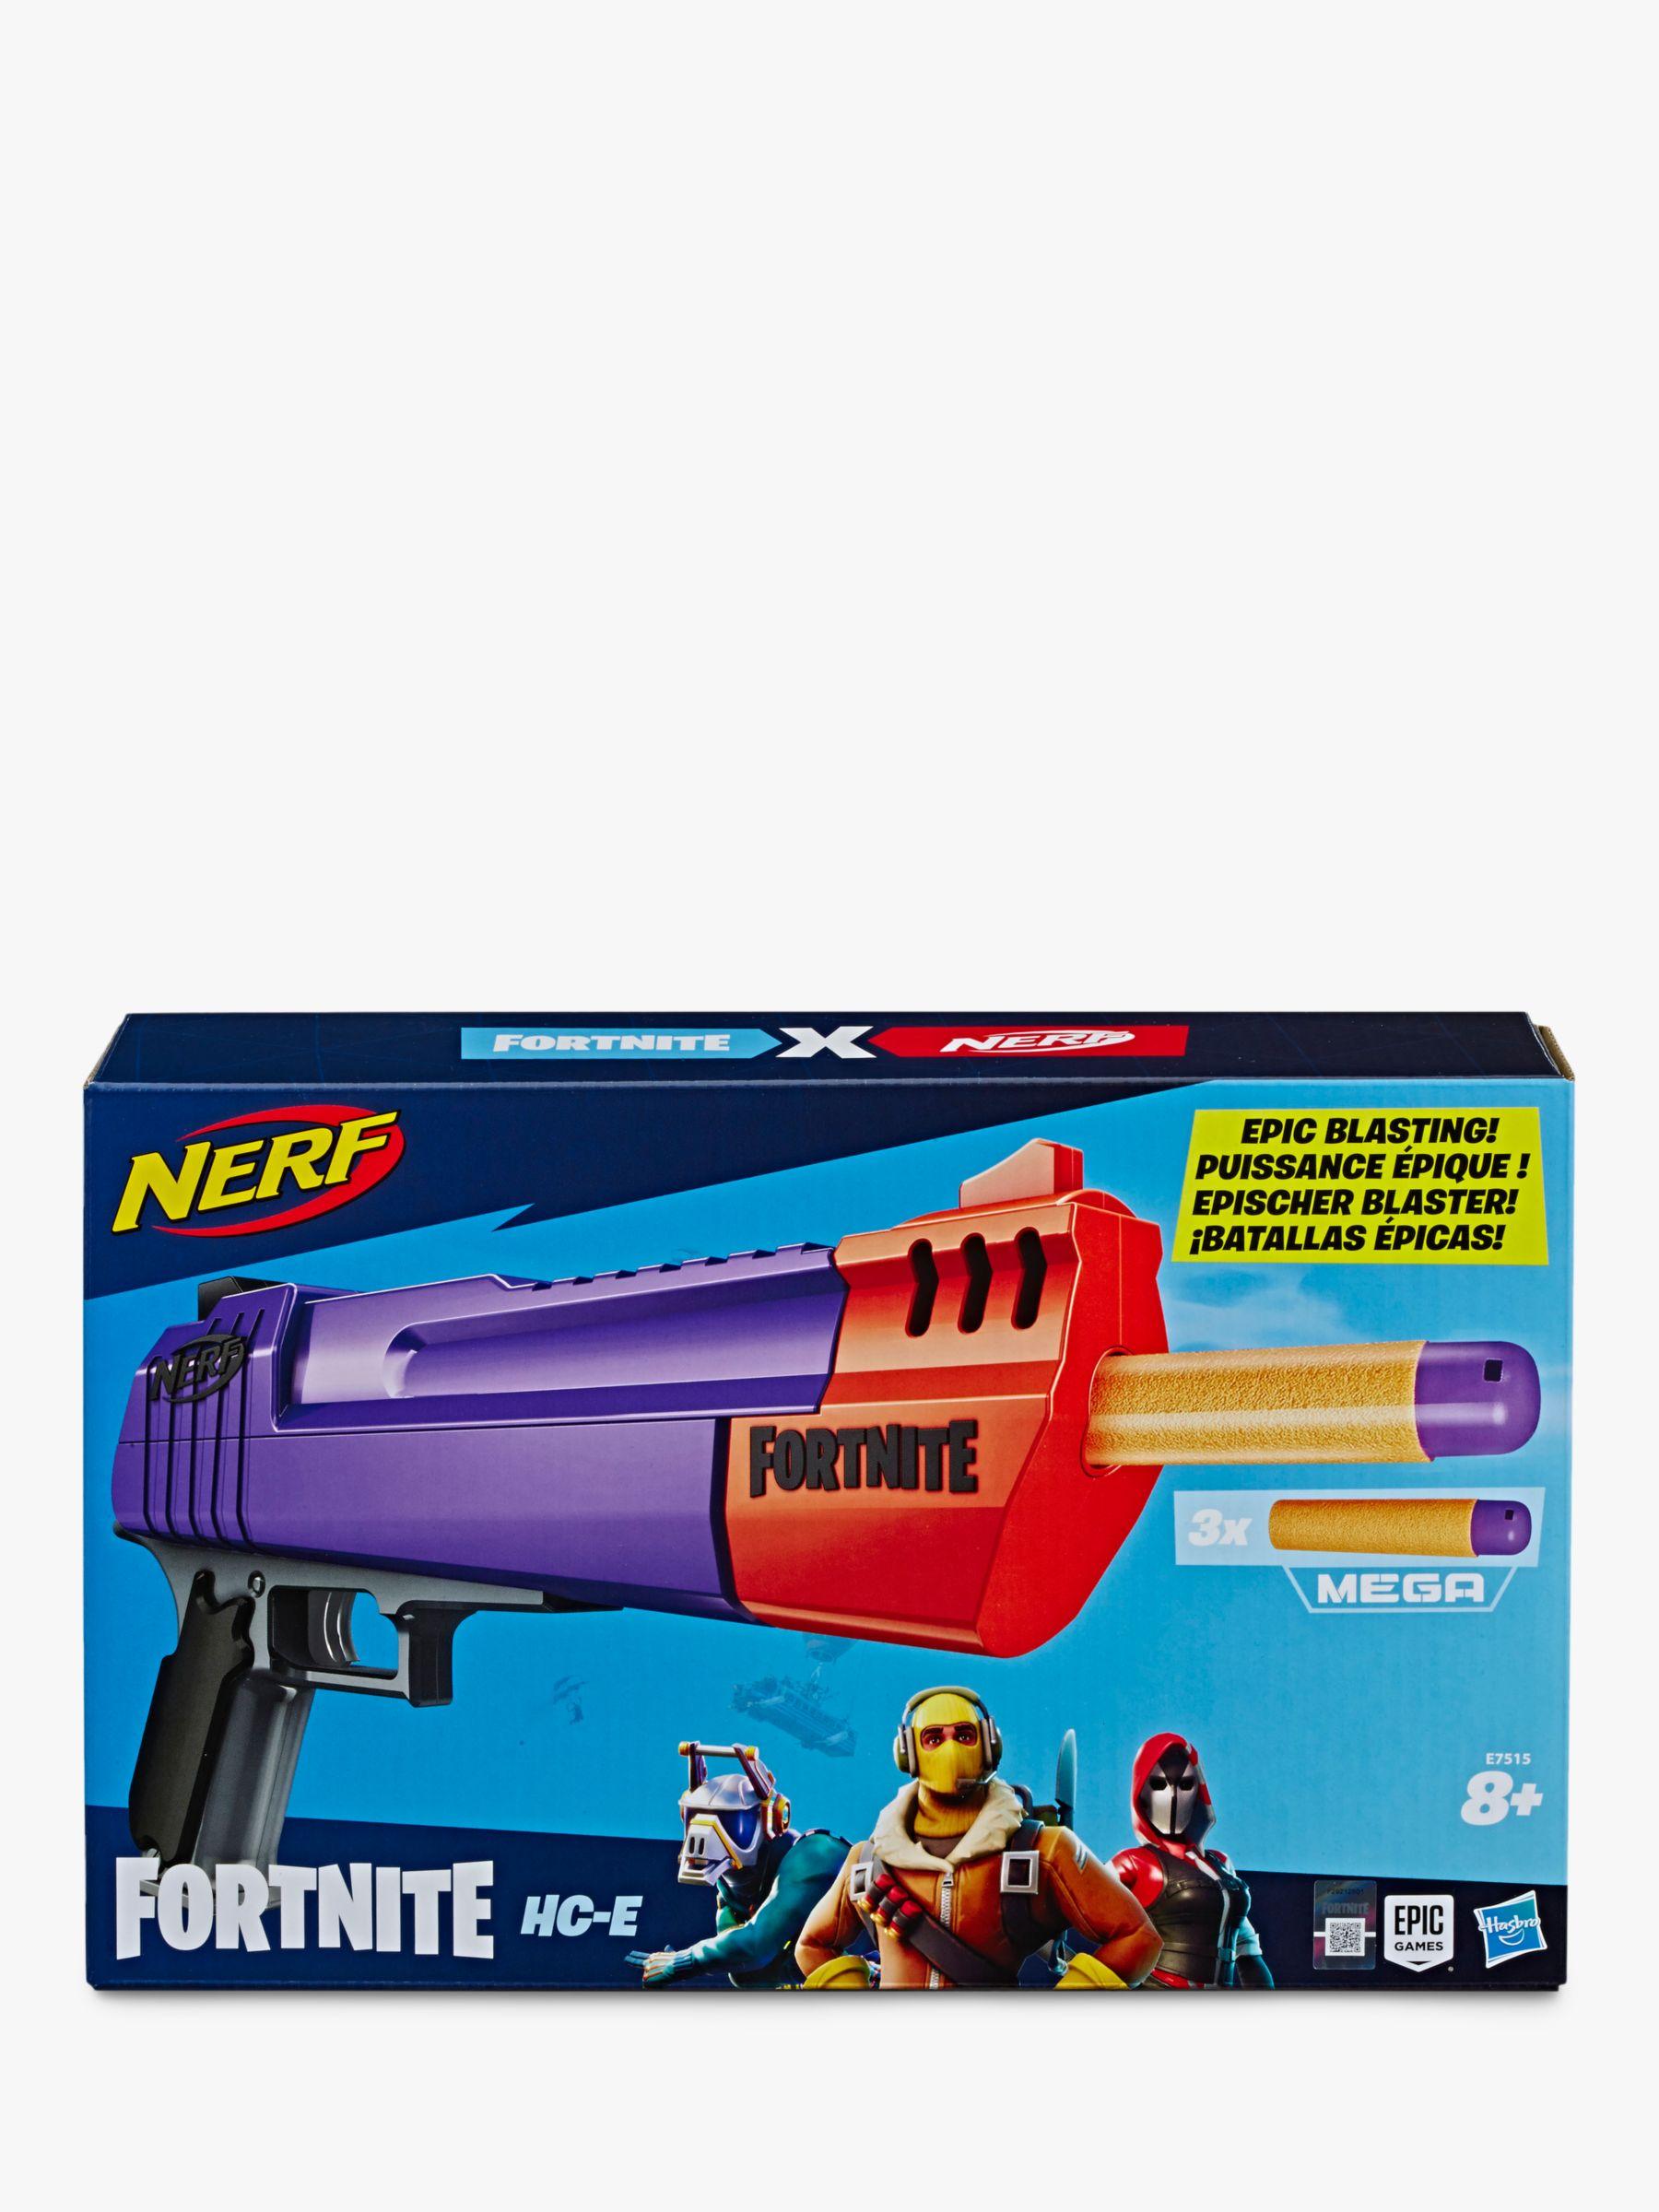 NERF Nerf Fortnite HC-E Hand Cannon Blaster